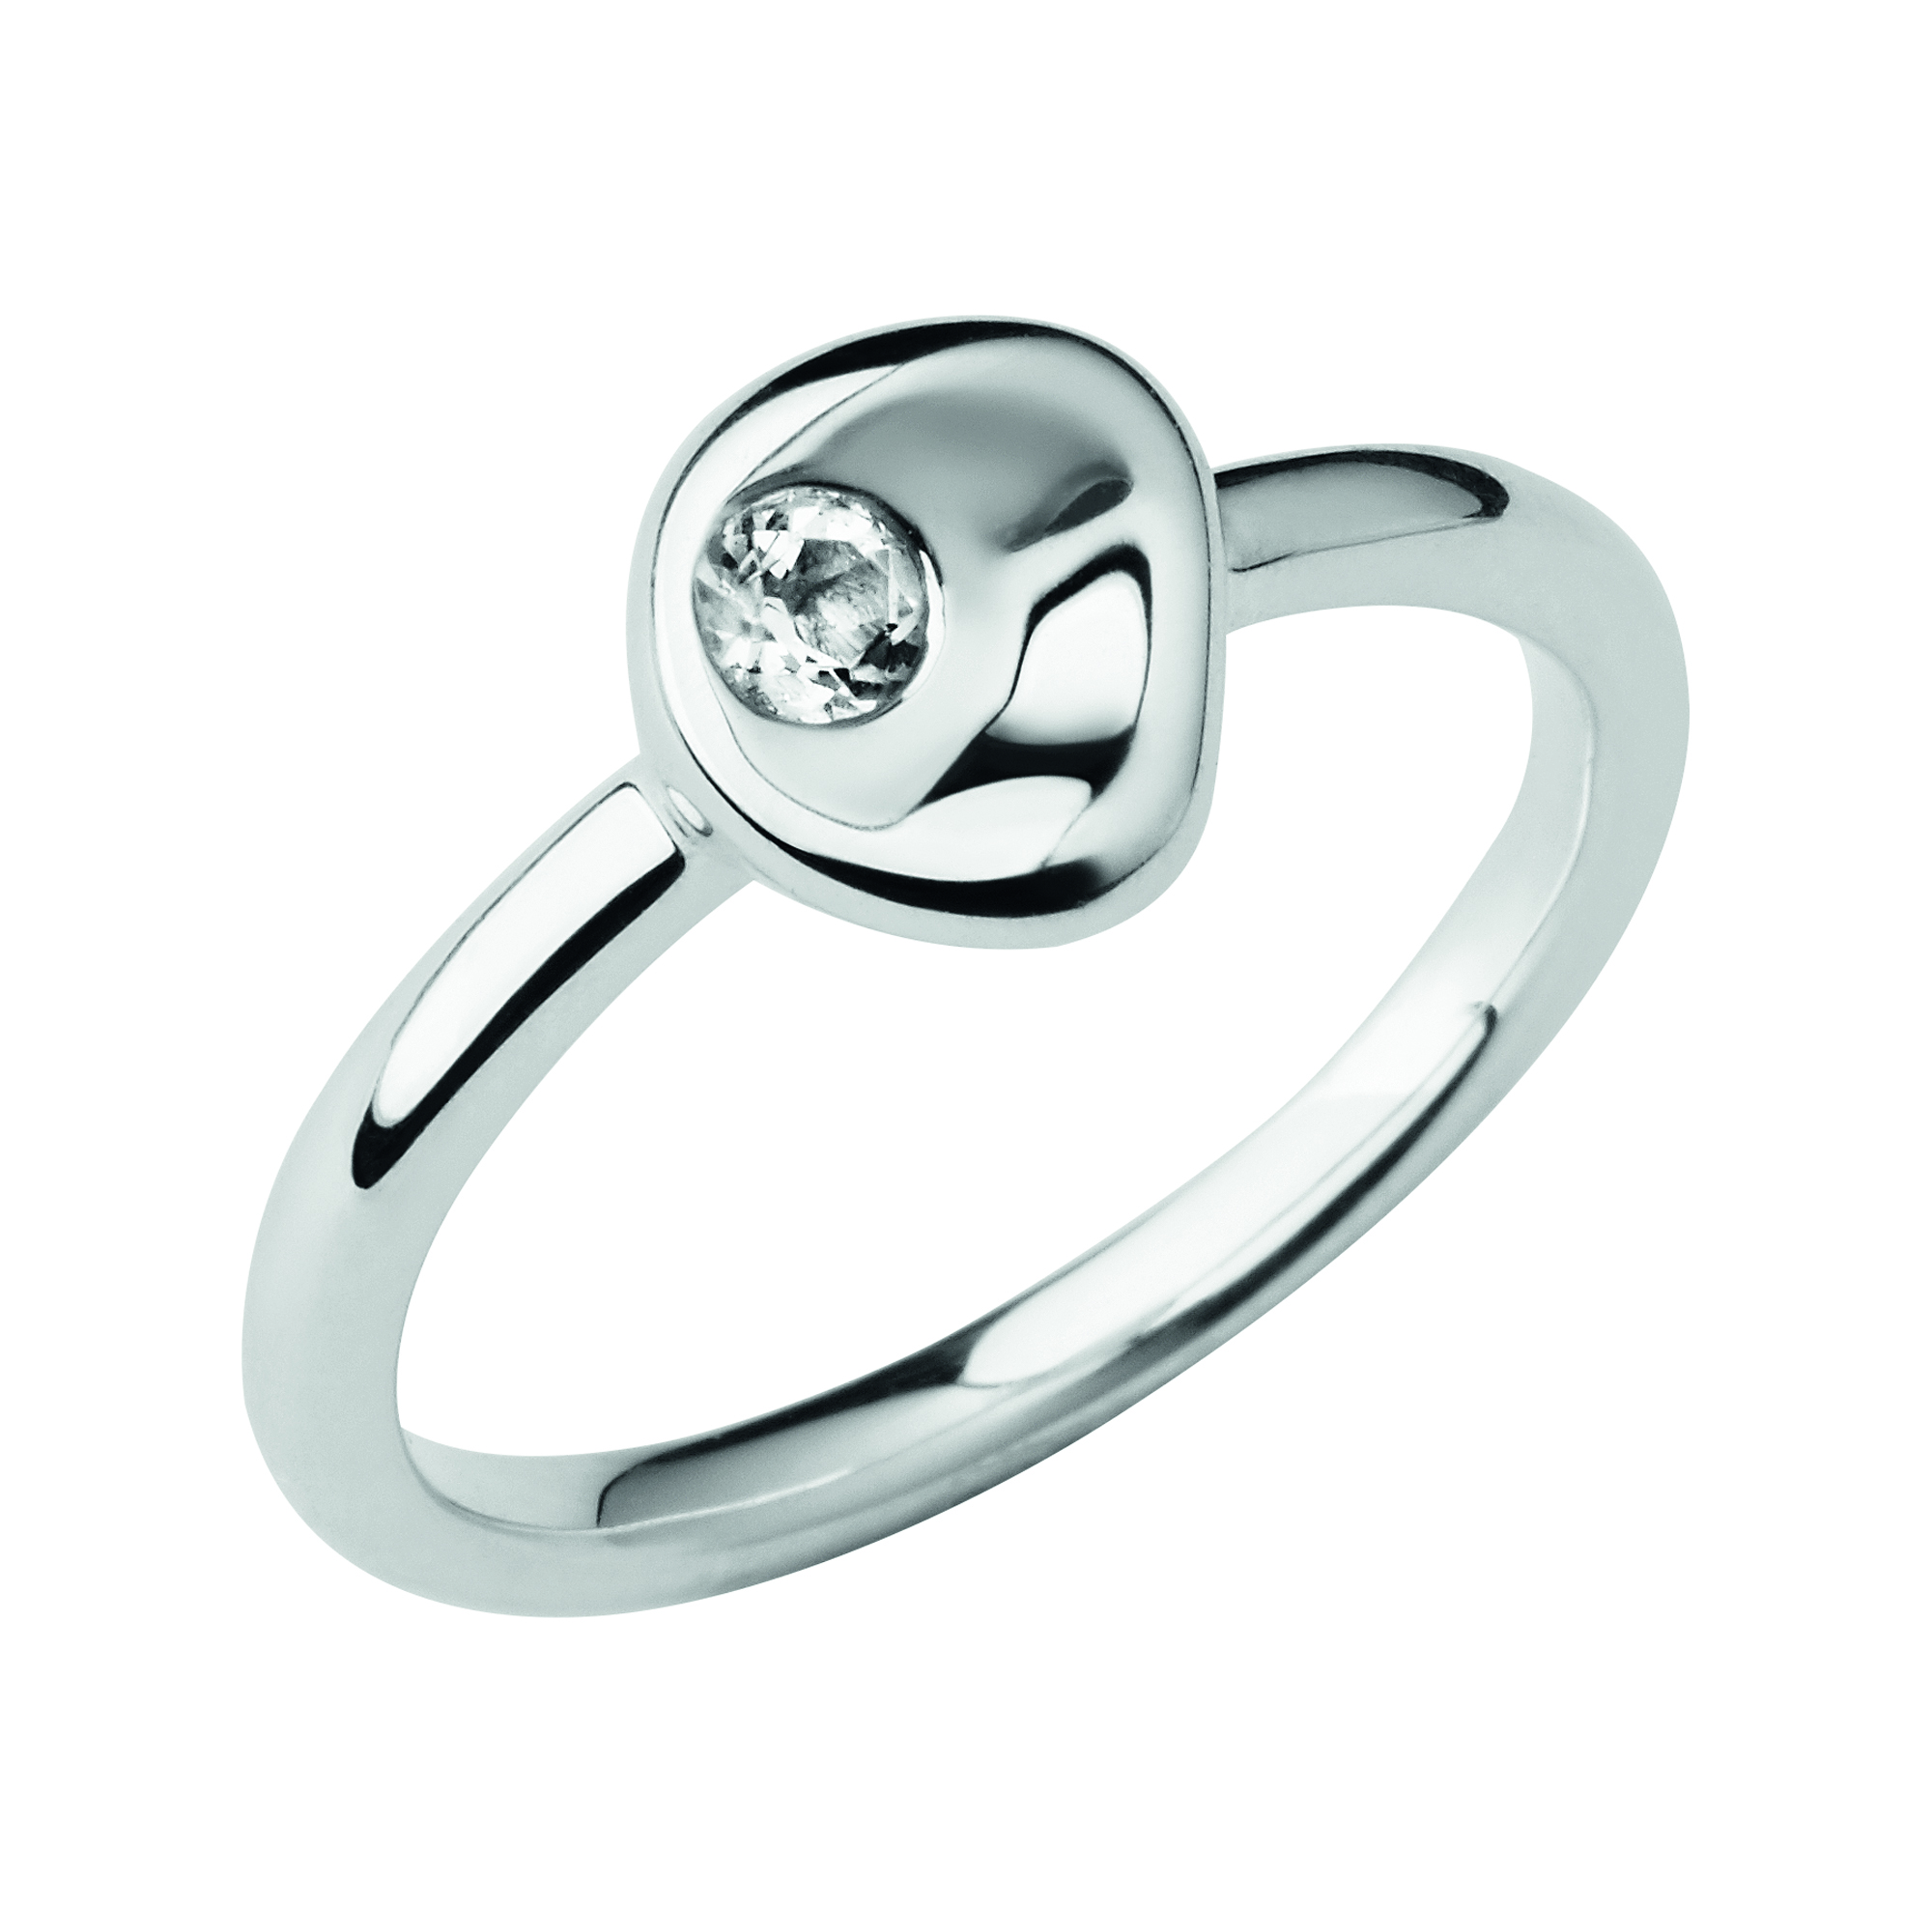 LINKS OF LONDON - Ασημένιο δαχτυλίδι Pebbles - μεγέθος 5 γυναικεία αξεσουάρ κοσμήματα δαχτυλίδια